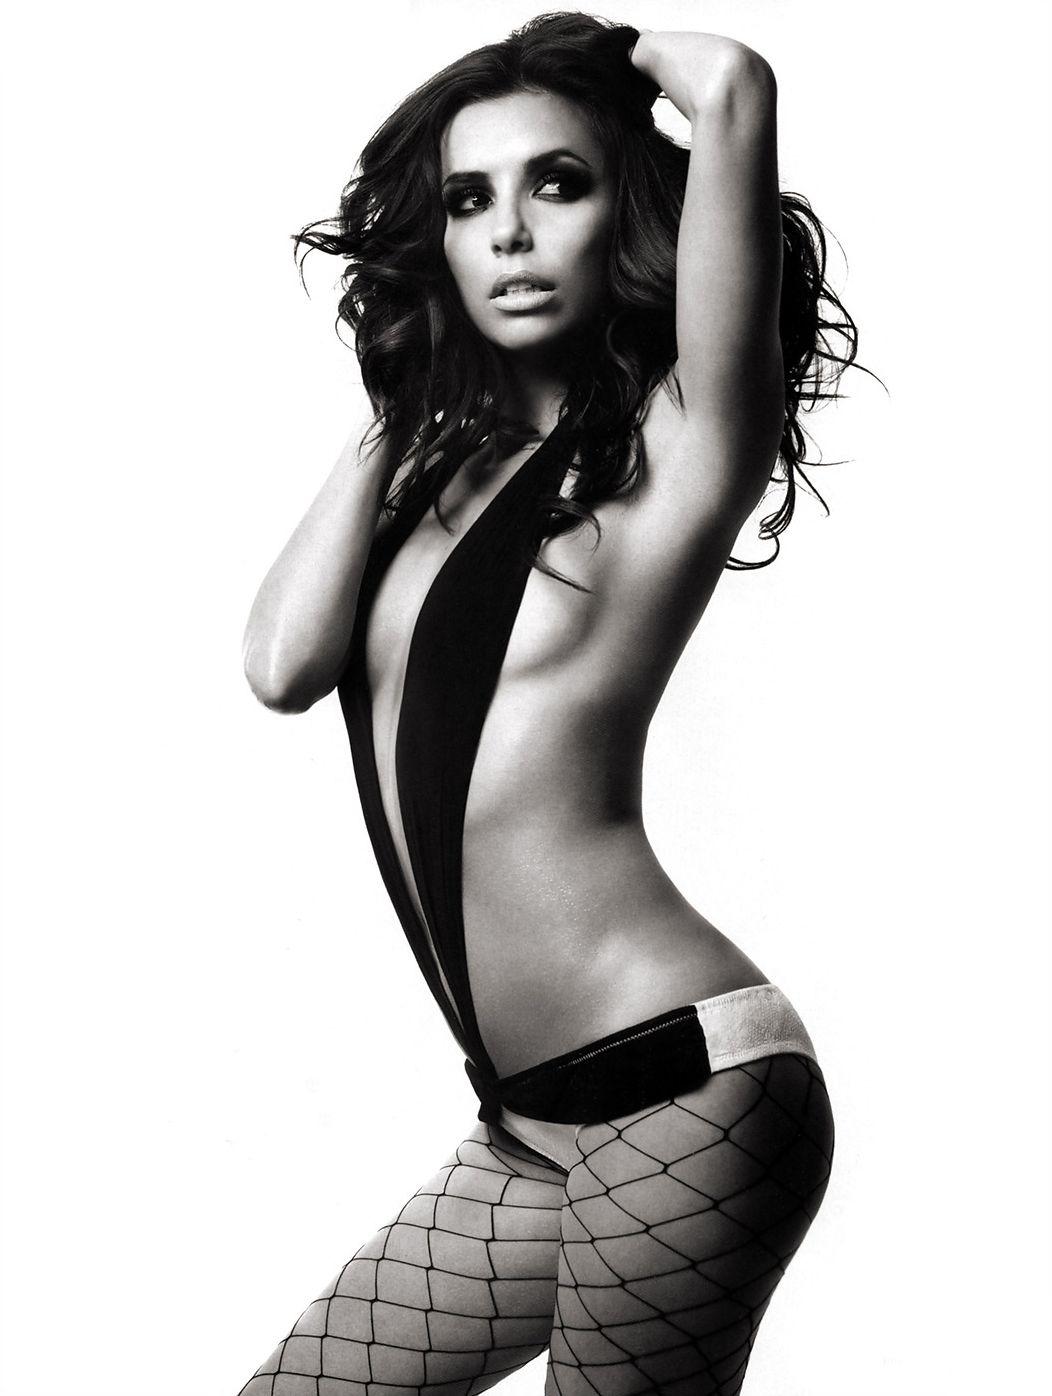 Eva longario nude, saxcy girls com